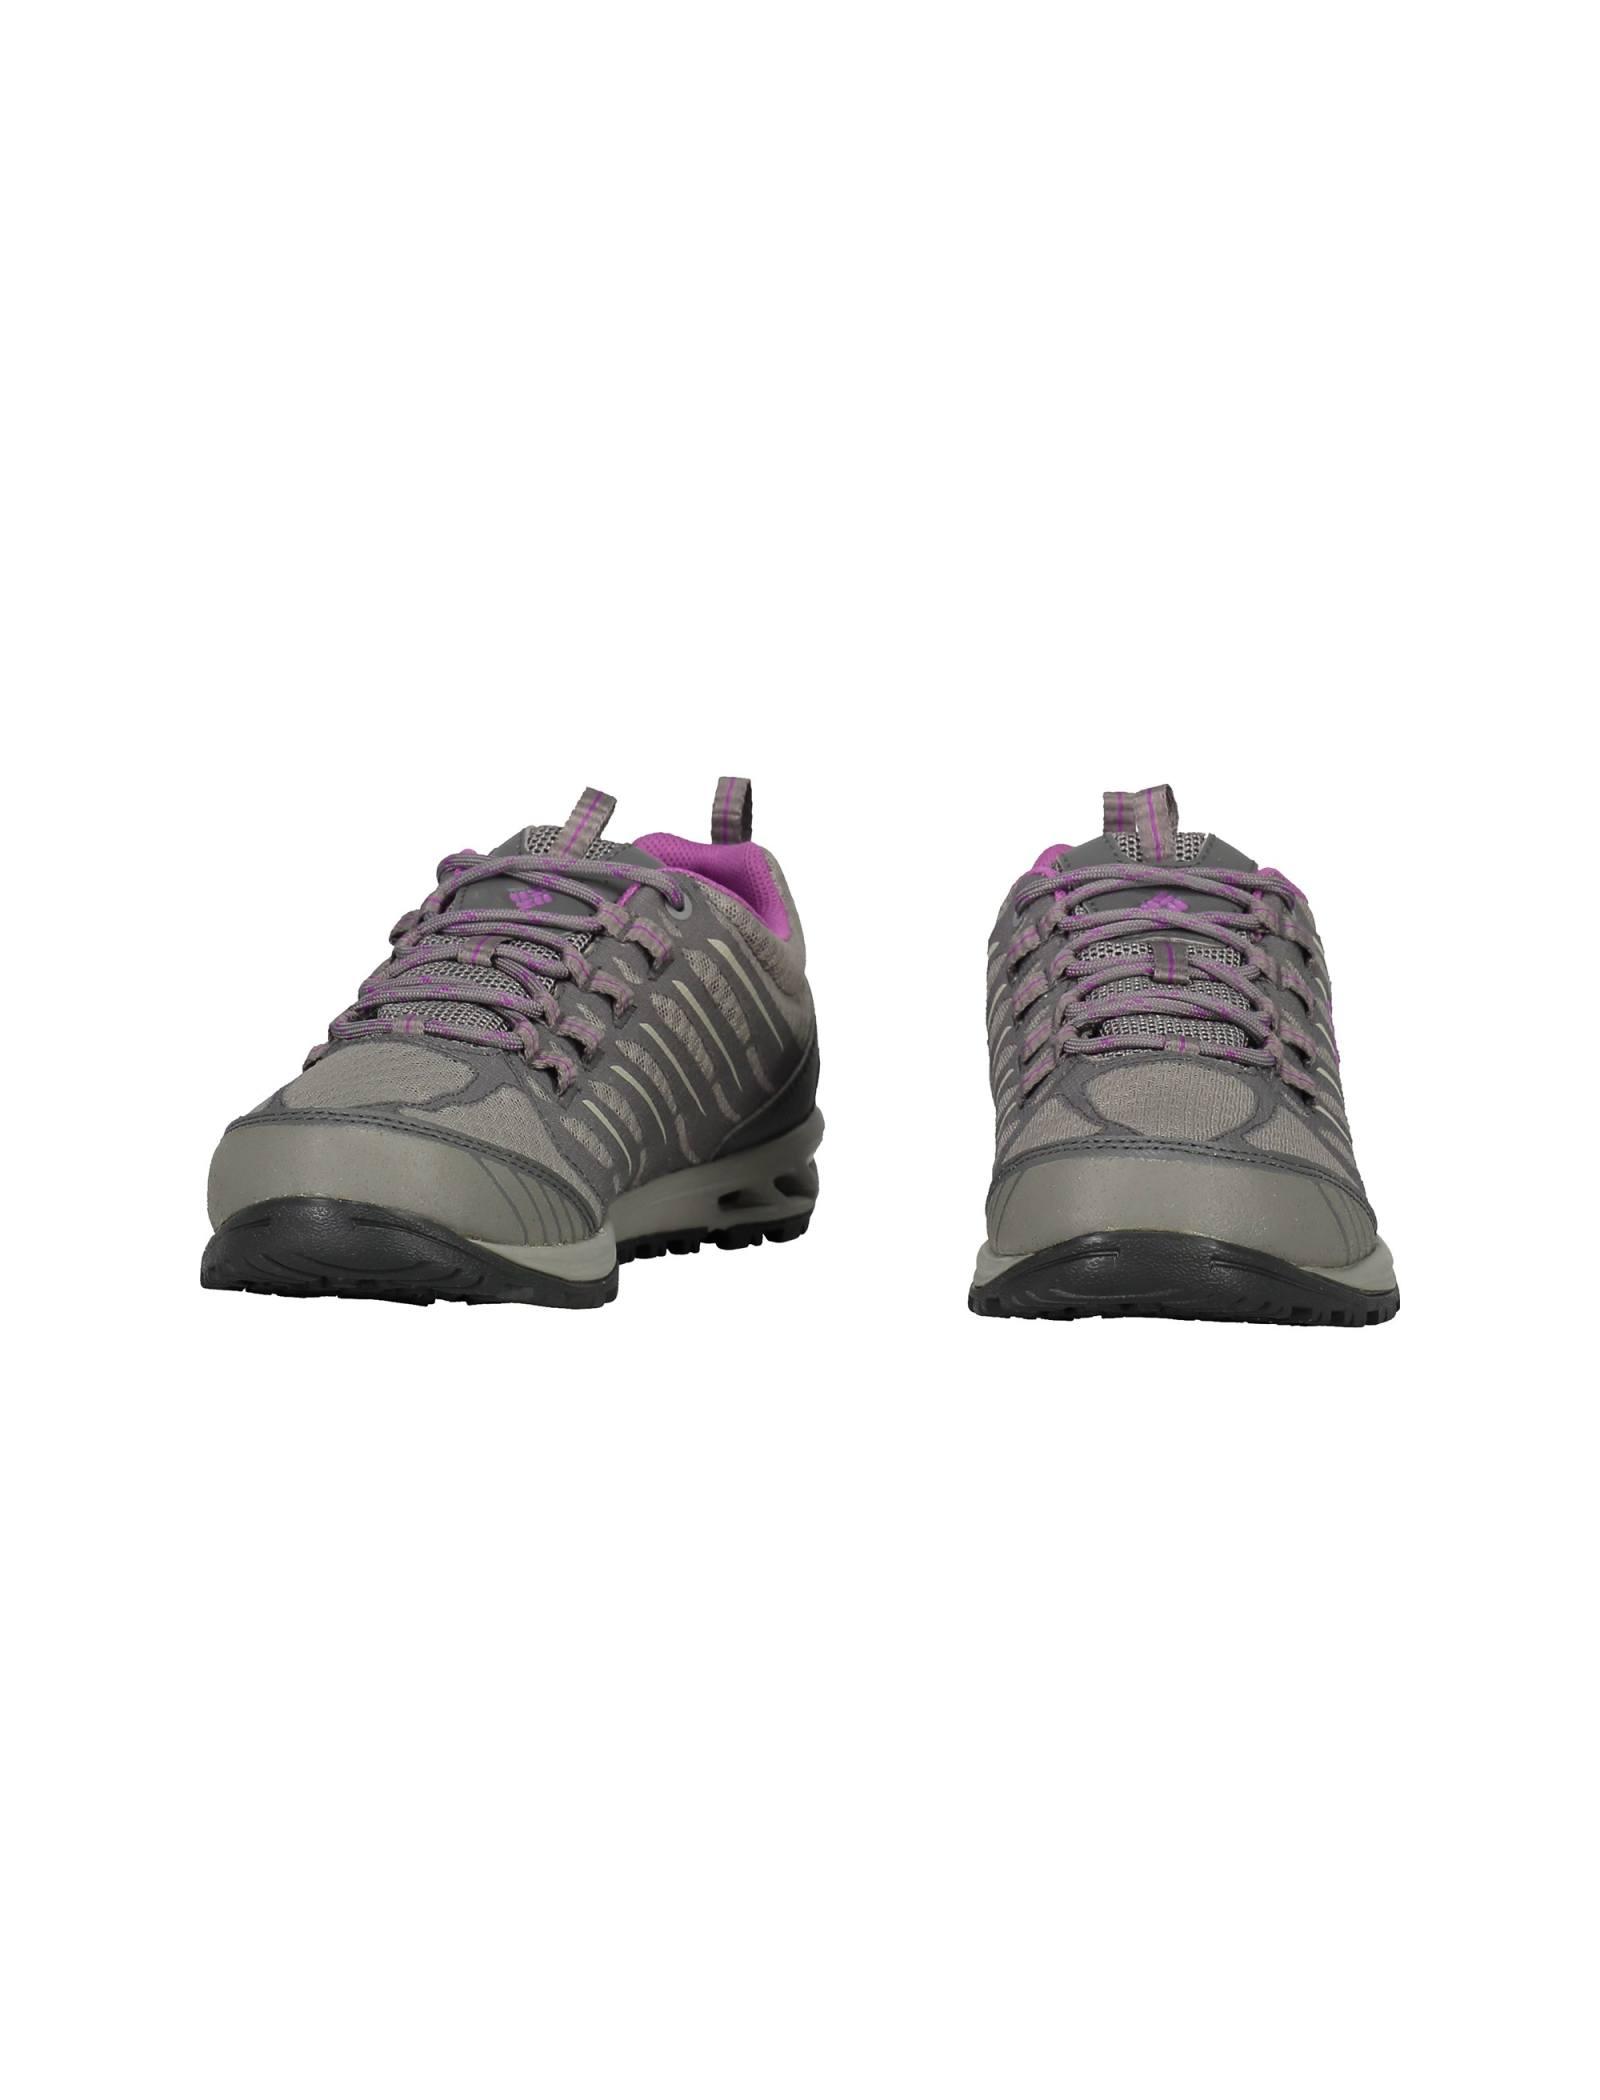 کفش دویدن بندی زنانه Ventrailia Razor Outdry - کلمبیا - طوسي - 4